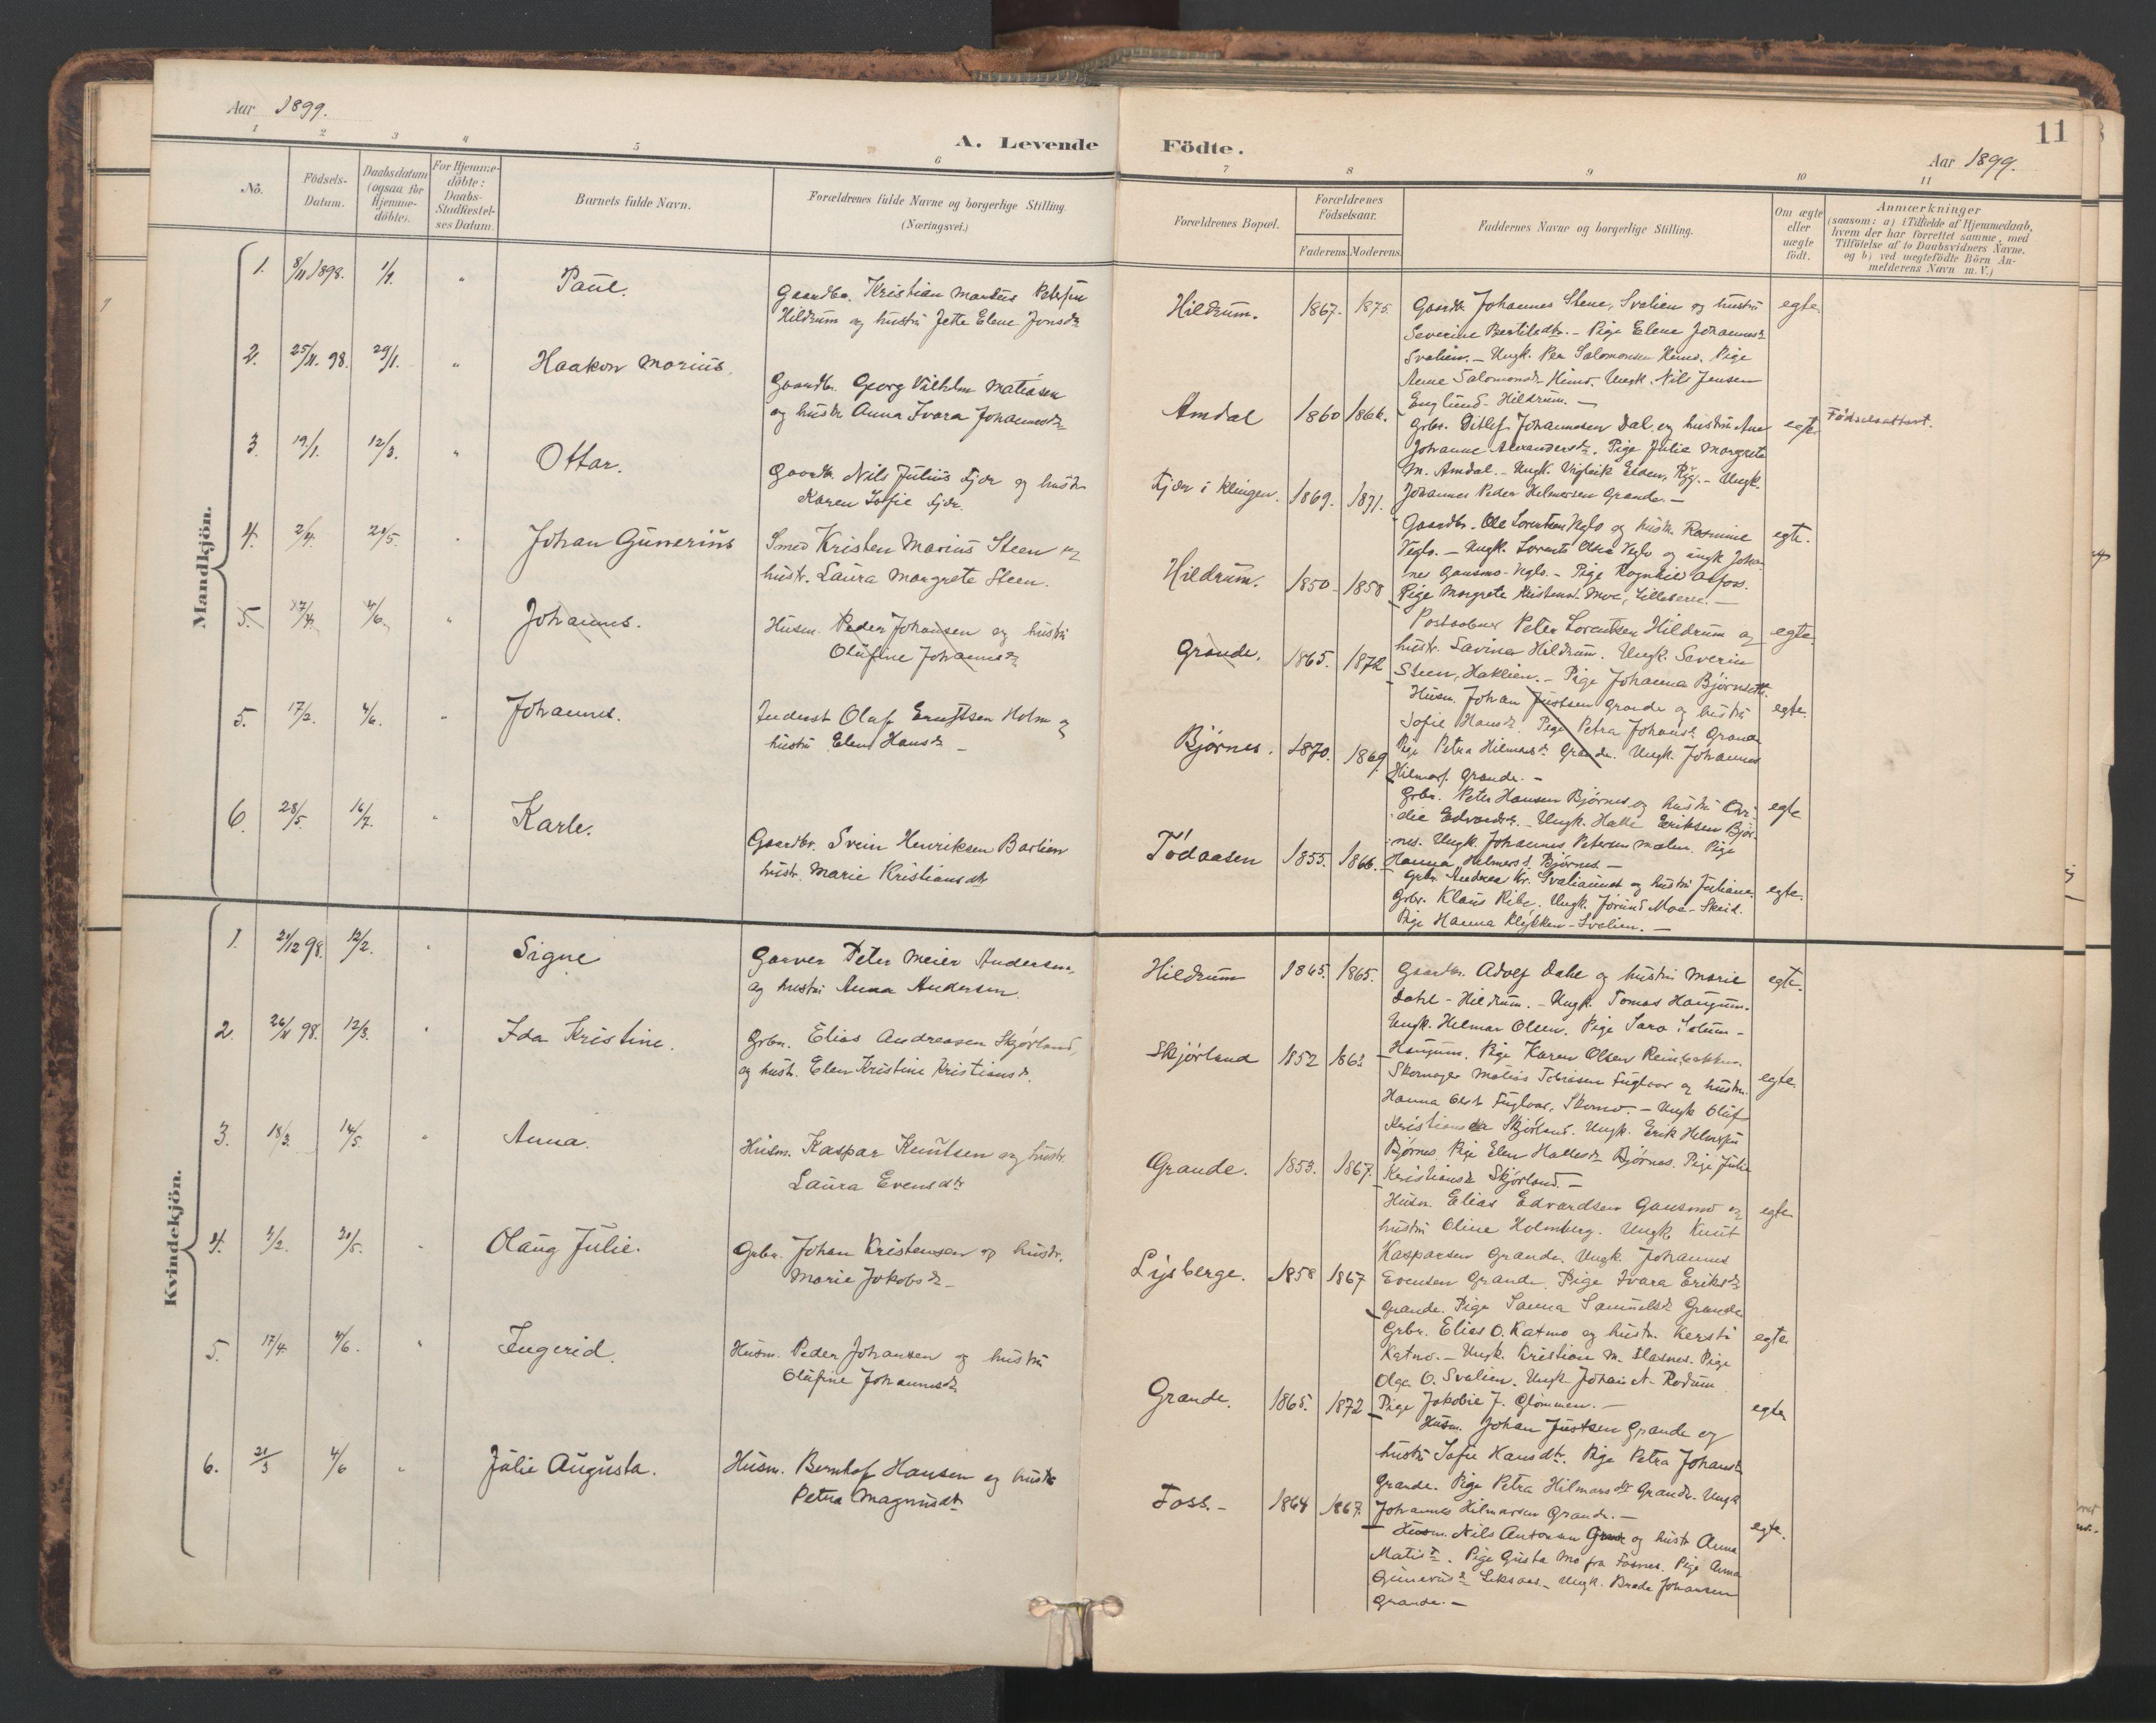 SAT, Ministerialprotokoller, klokkerbøker og fødselsregistre - Nord-Trøndelag, 764/L0556: Ministerialbok nr. 764A11, 1897-1924, s. 11